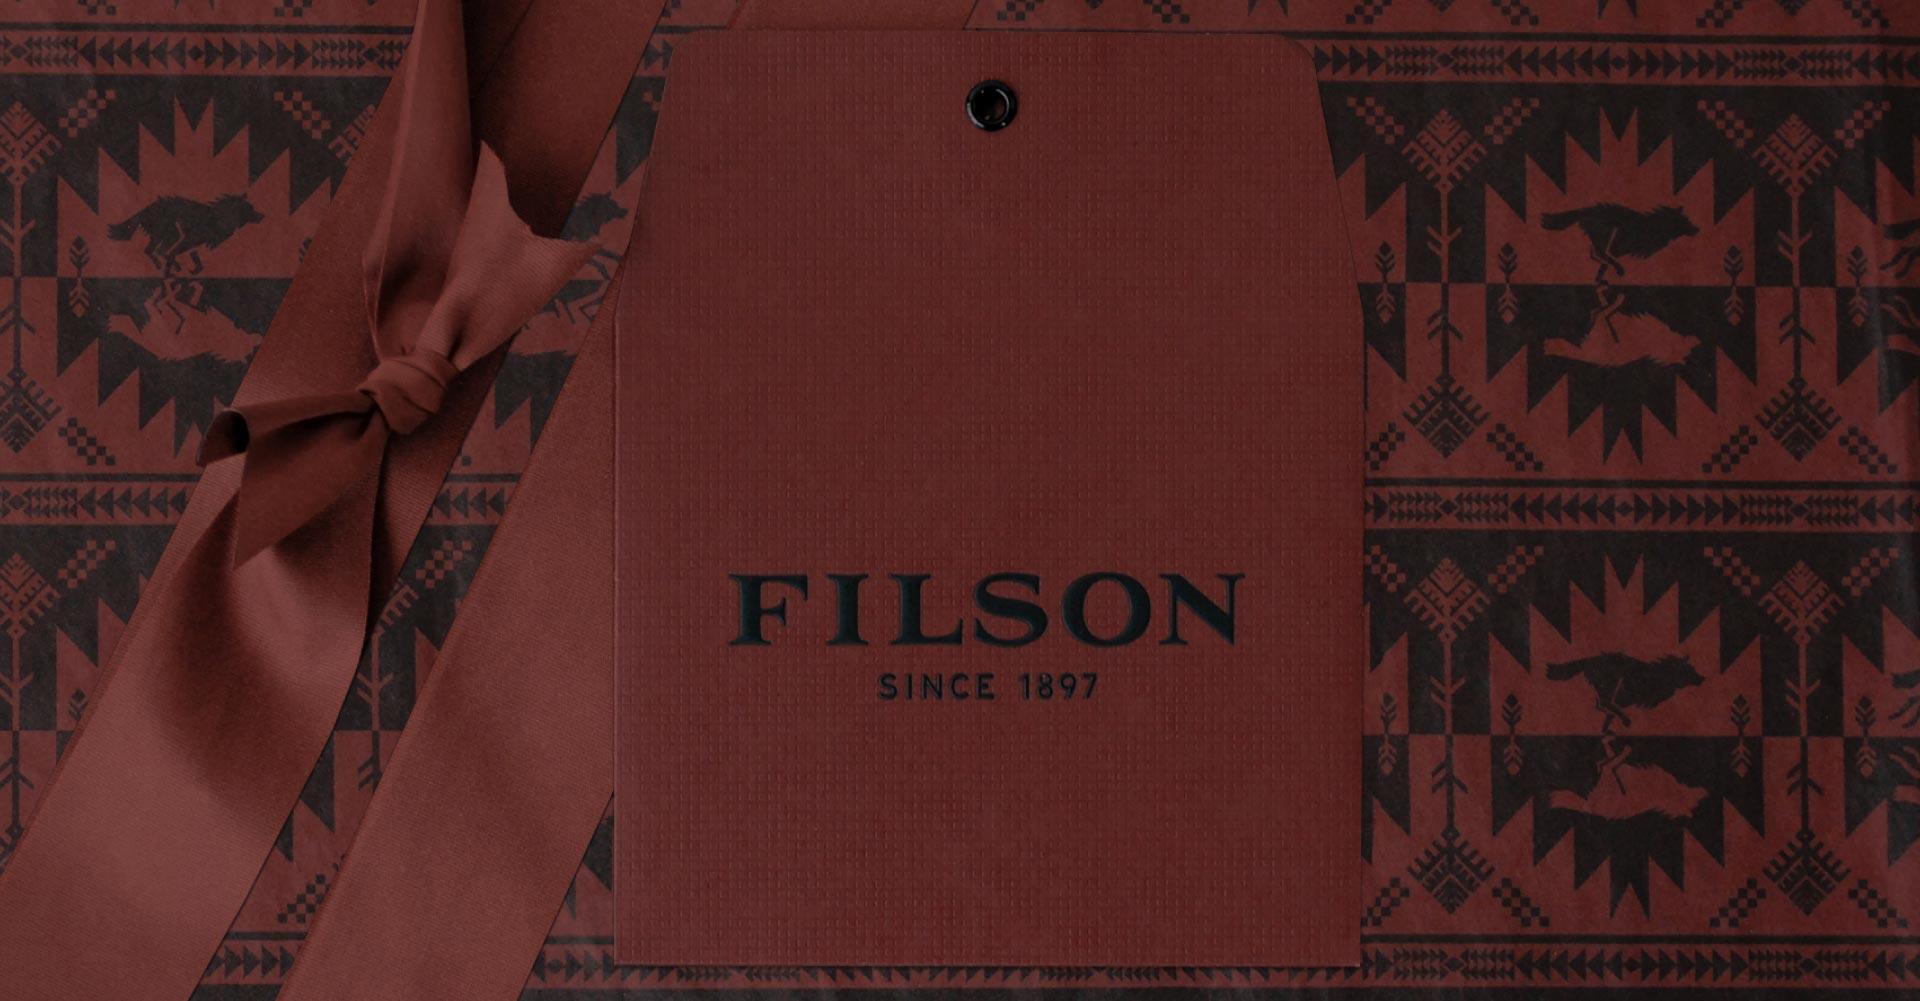 Creative_Retail_Packaging_PackageDesign_Custom_Filson_09-1.jpg